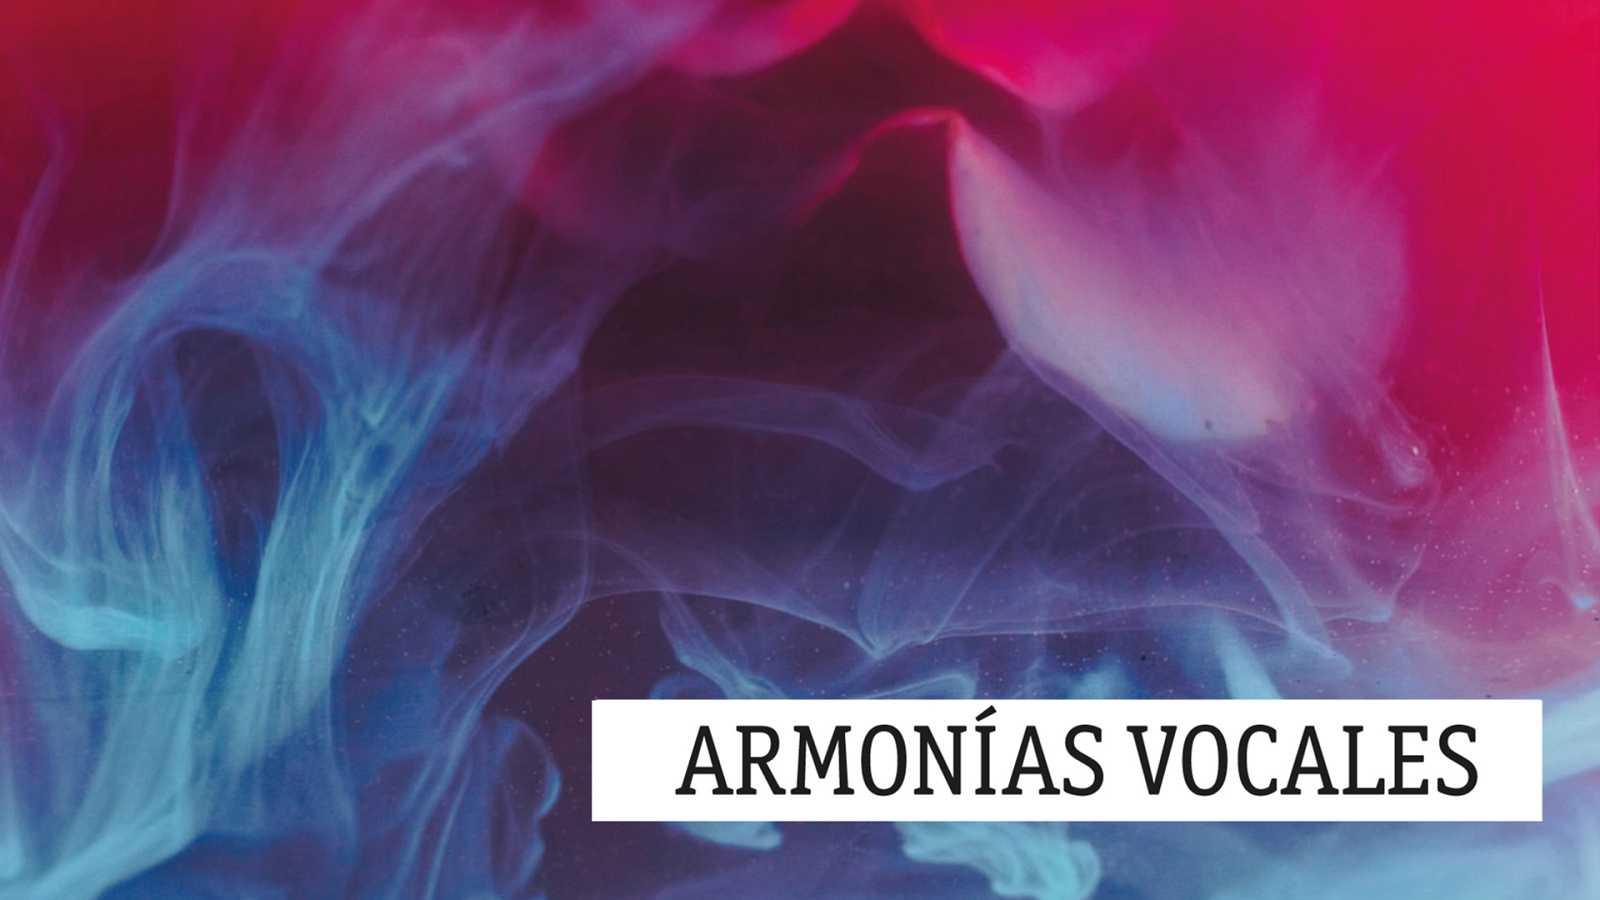 Armonías vocales - Programa dedicado a la música coral de Anton Bruckner - 24/05/20 - escuchar ahora